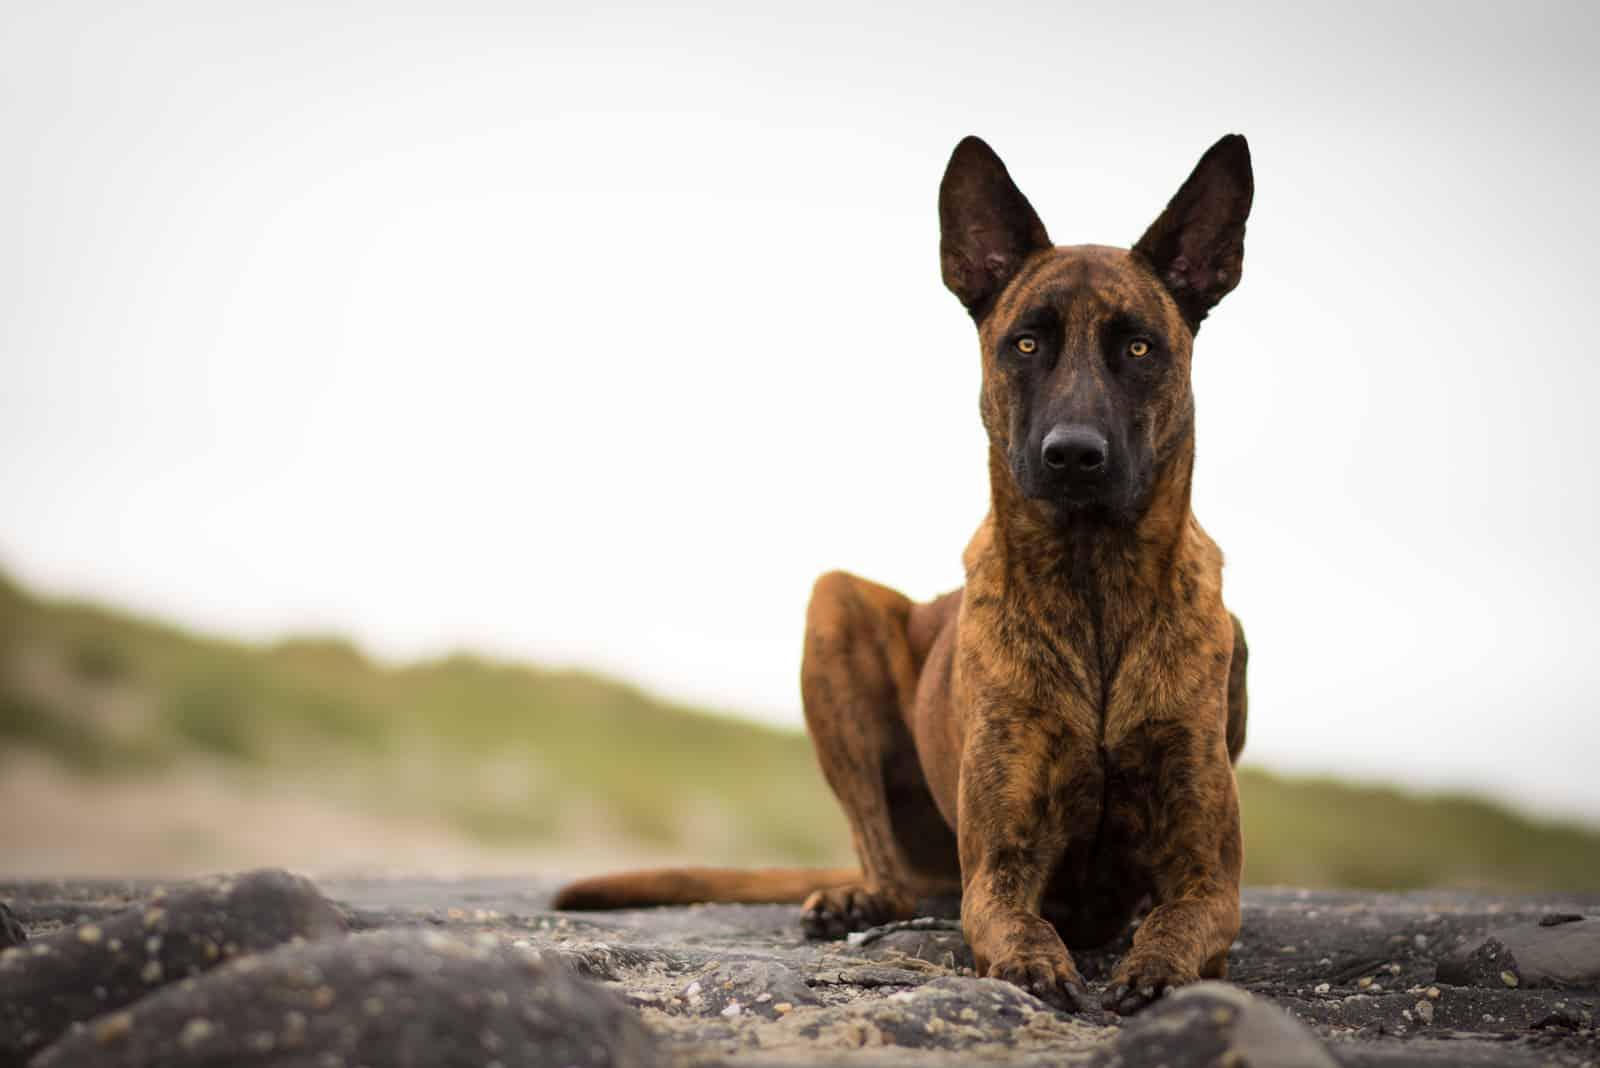 holländischer schäferhund im freien